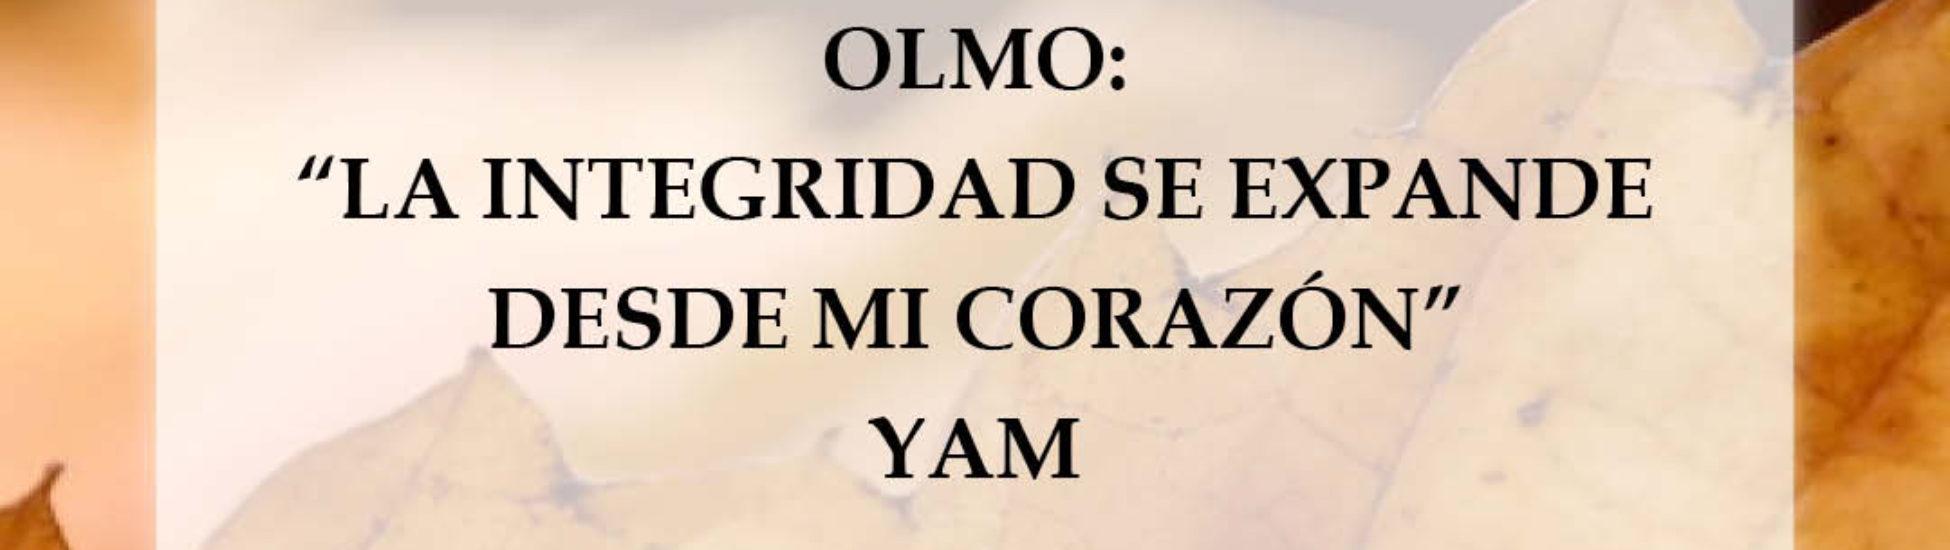 olmo yam